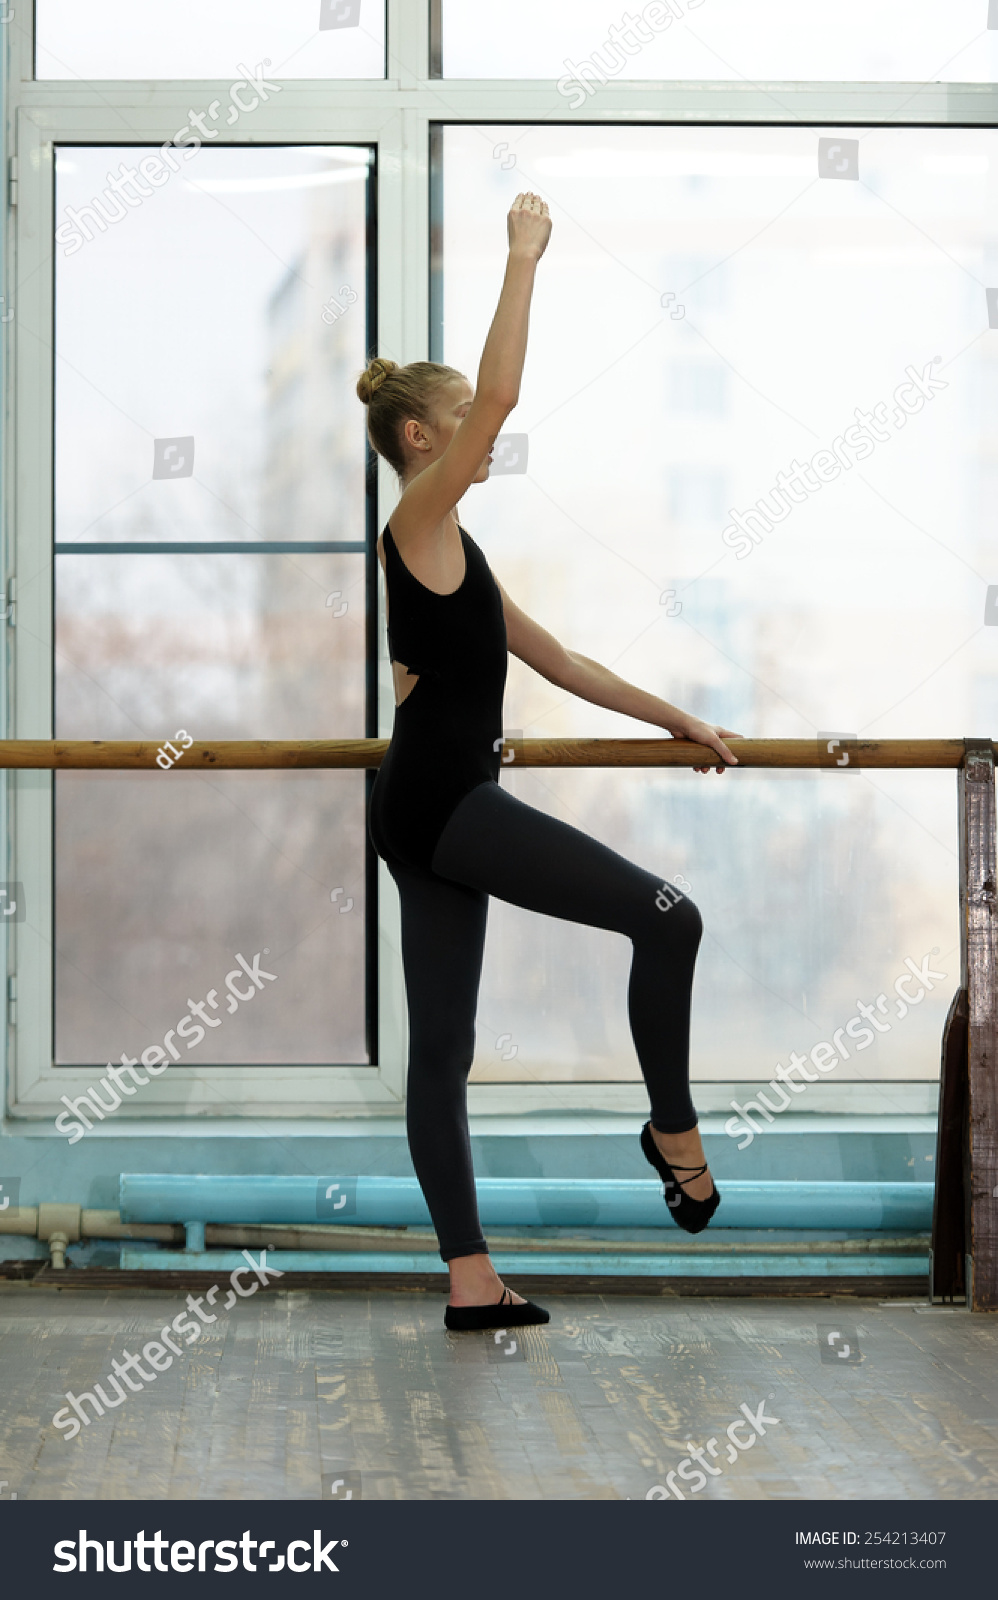 Фото тренировки балерин 12 фотография